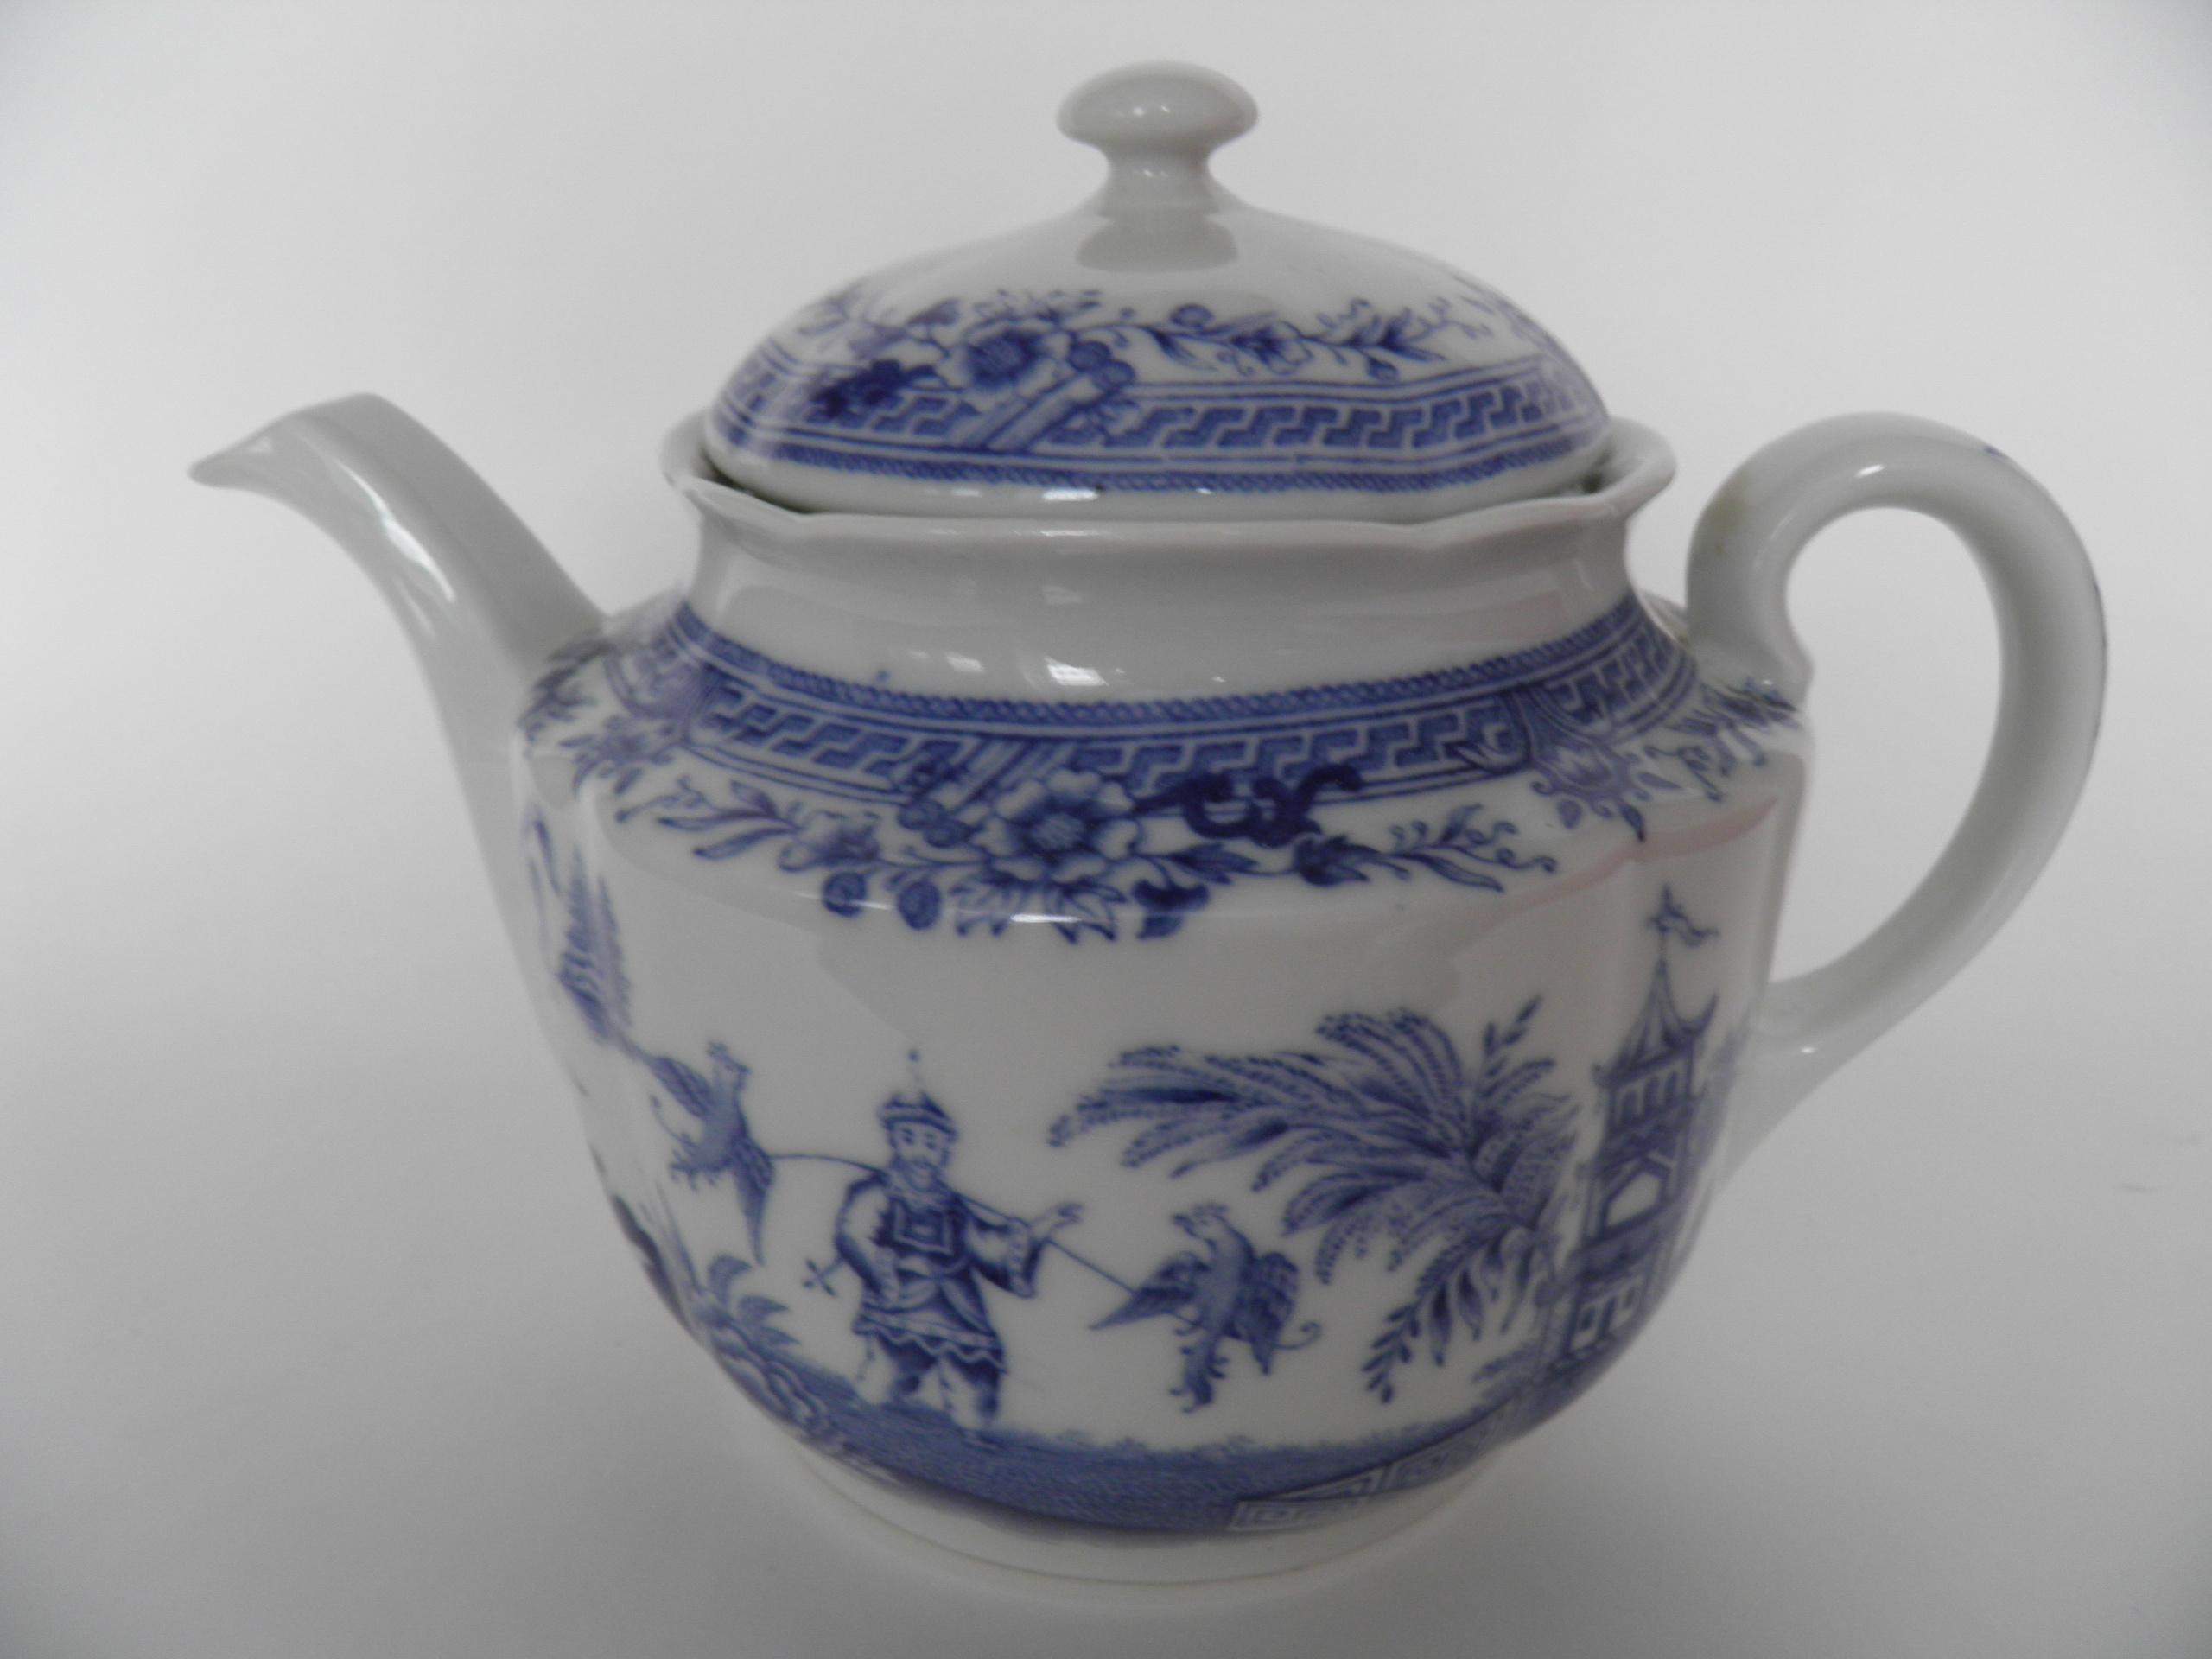 Singapore sininen teekannu Arabia | Tarjoiluastiat - Retronomi Oy